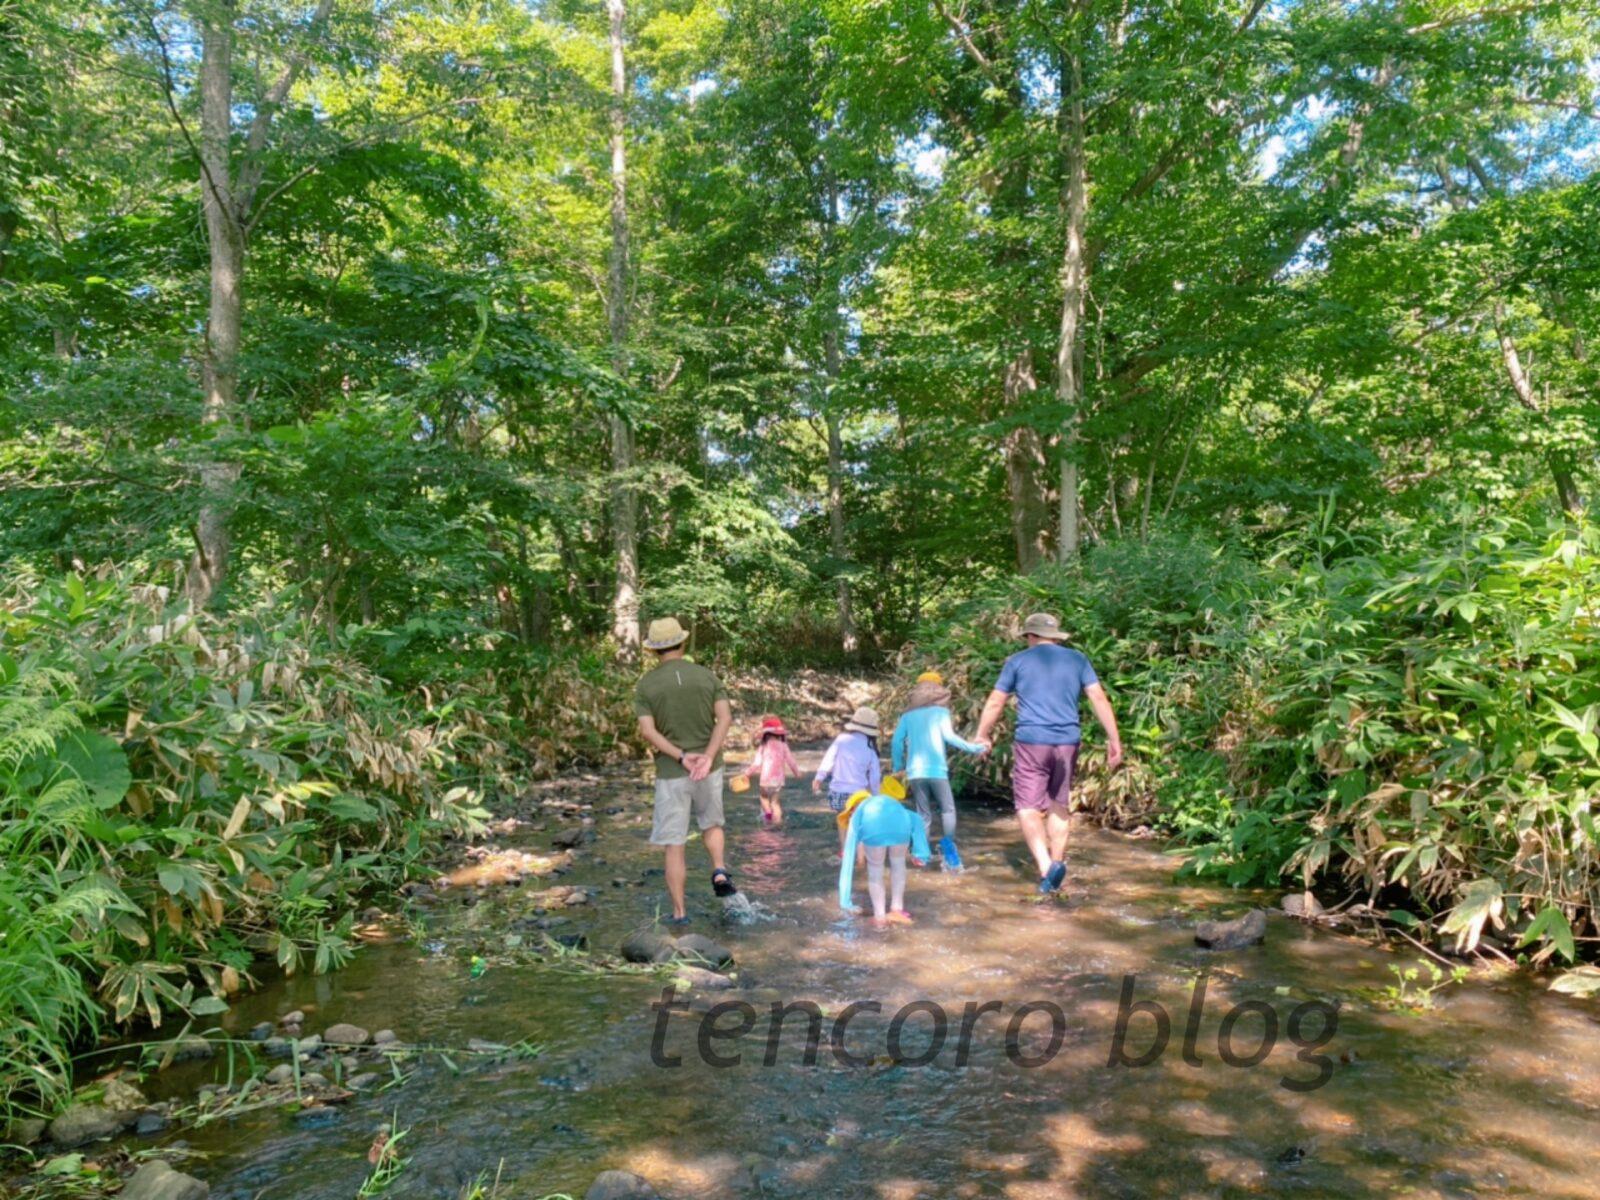 北広島 自然の森キャンプ場 川遊び 子供 遊び場